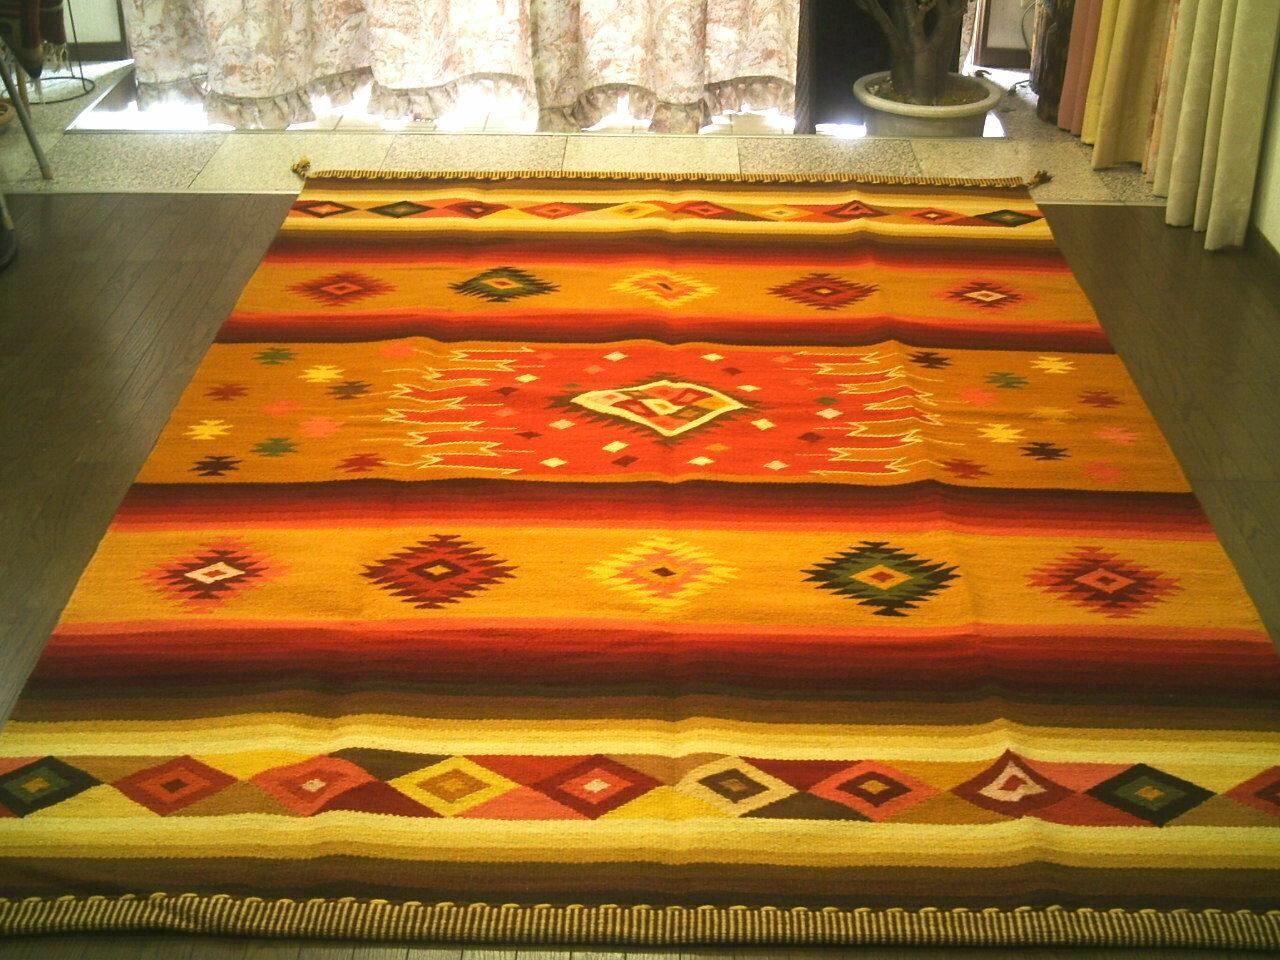 【楽天市場】ペルーウールラグカーペットwool ラグマット 厚手 北欧 夏 カーペット 絨毯 「眩い星」約 3畳